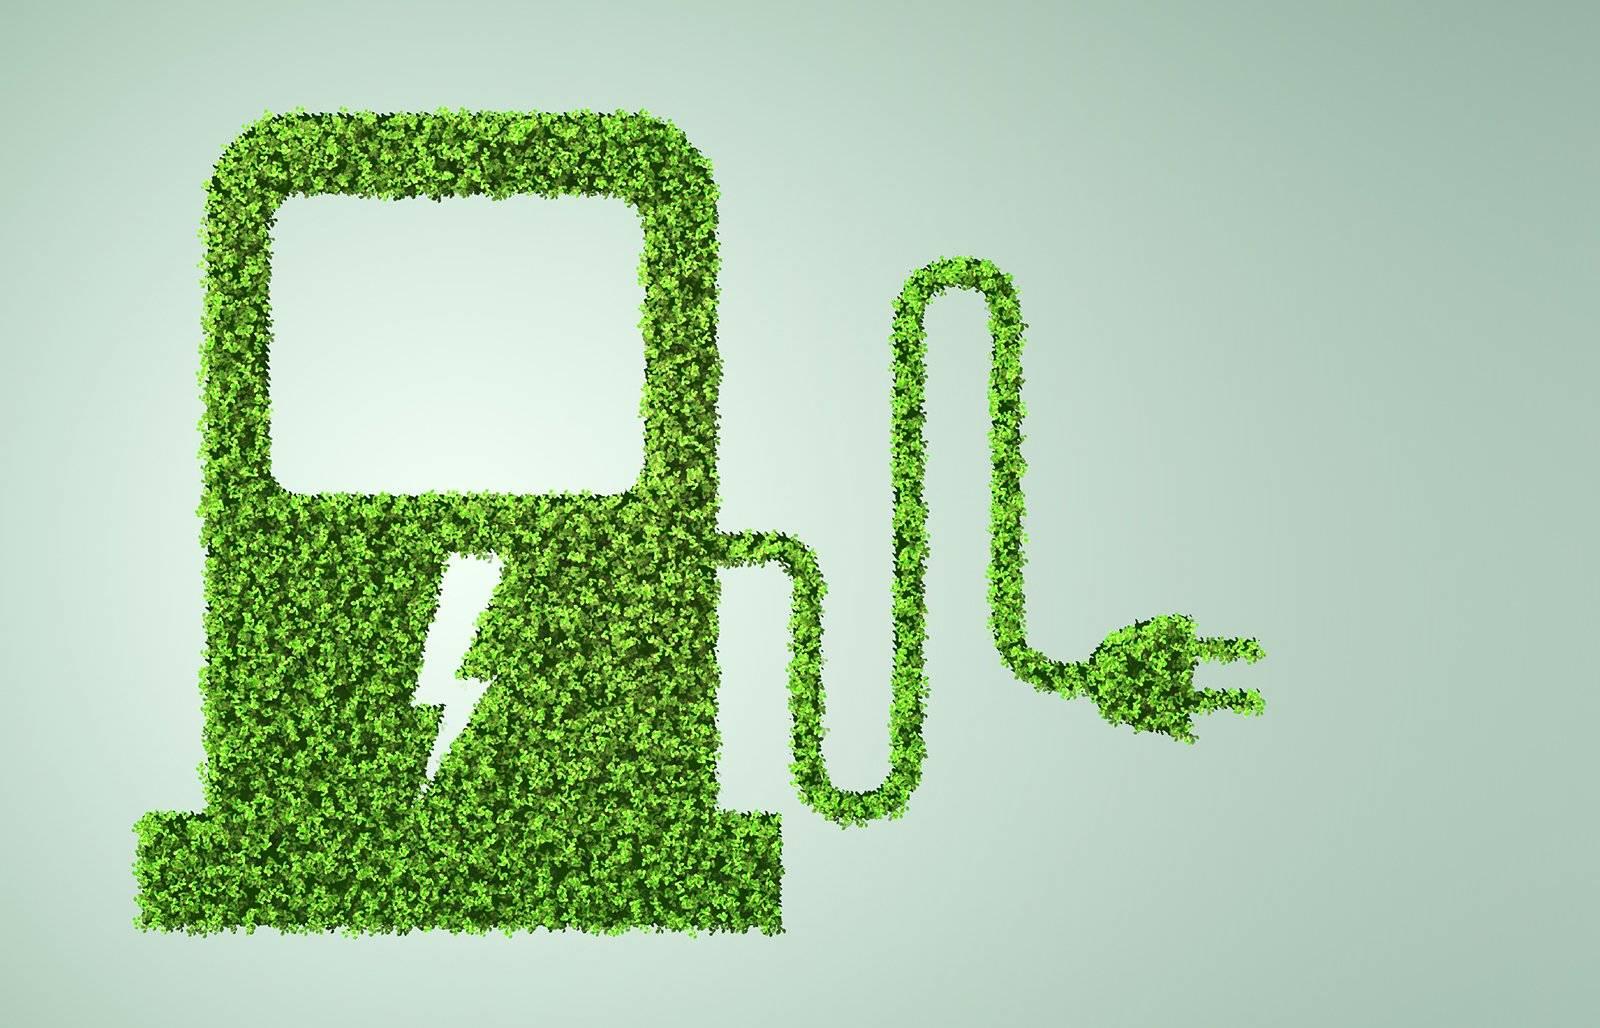 Arriva GasGas, la startup delle colonnine per ricaricare auto elettriche